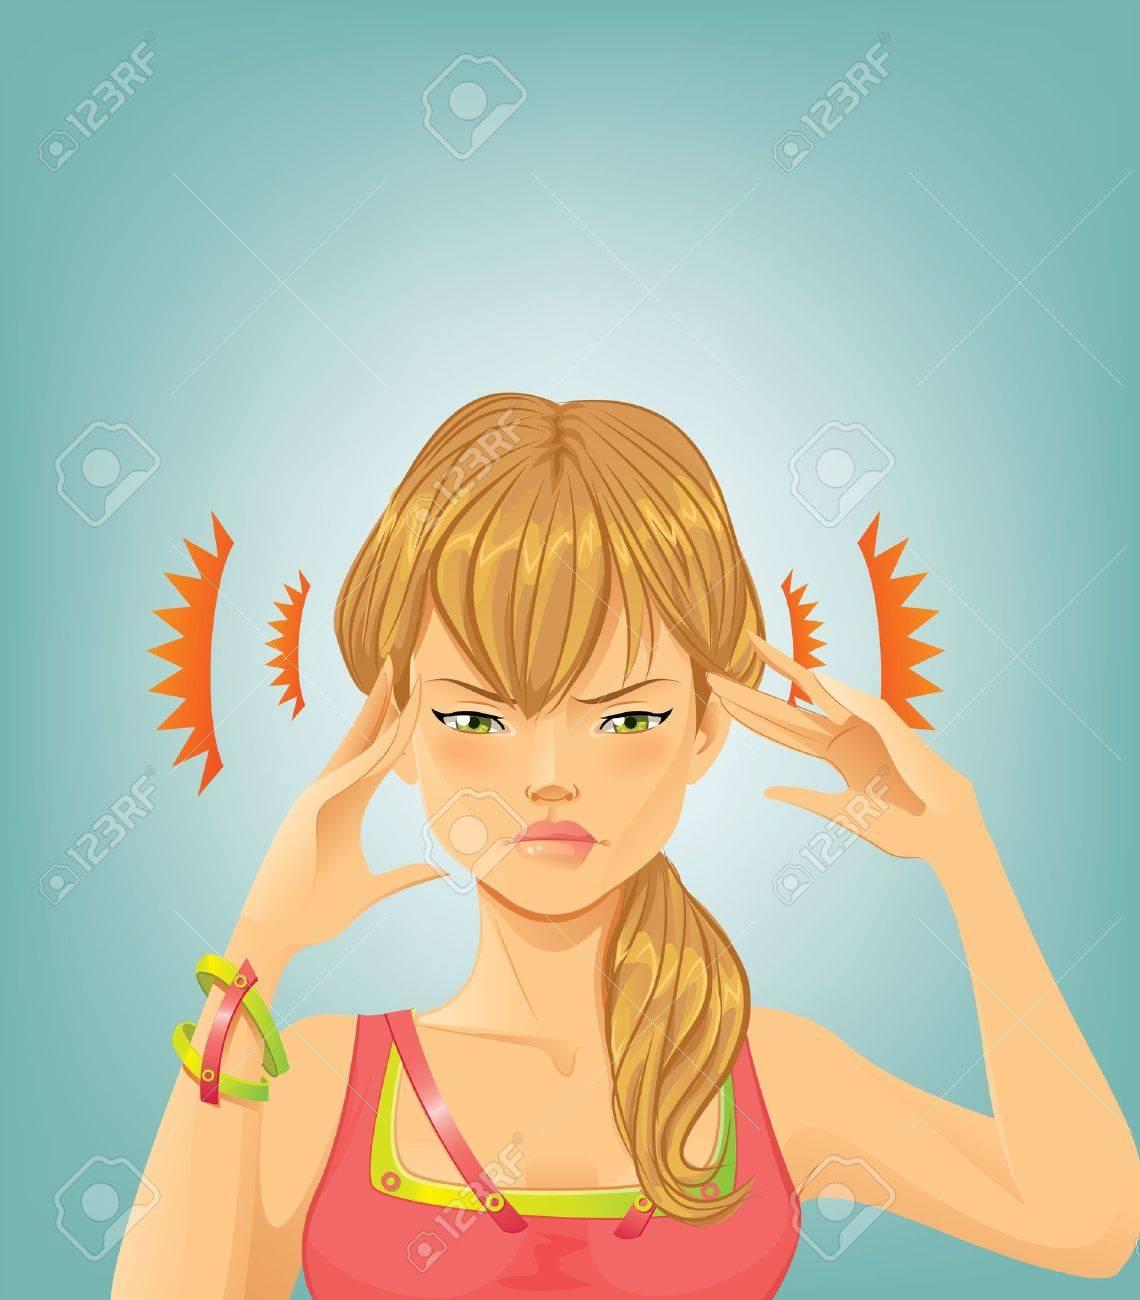 Headache - 21635840